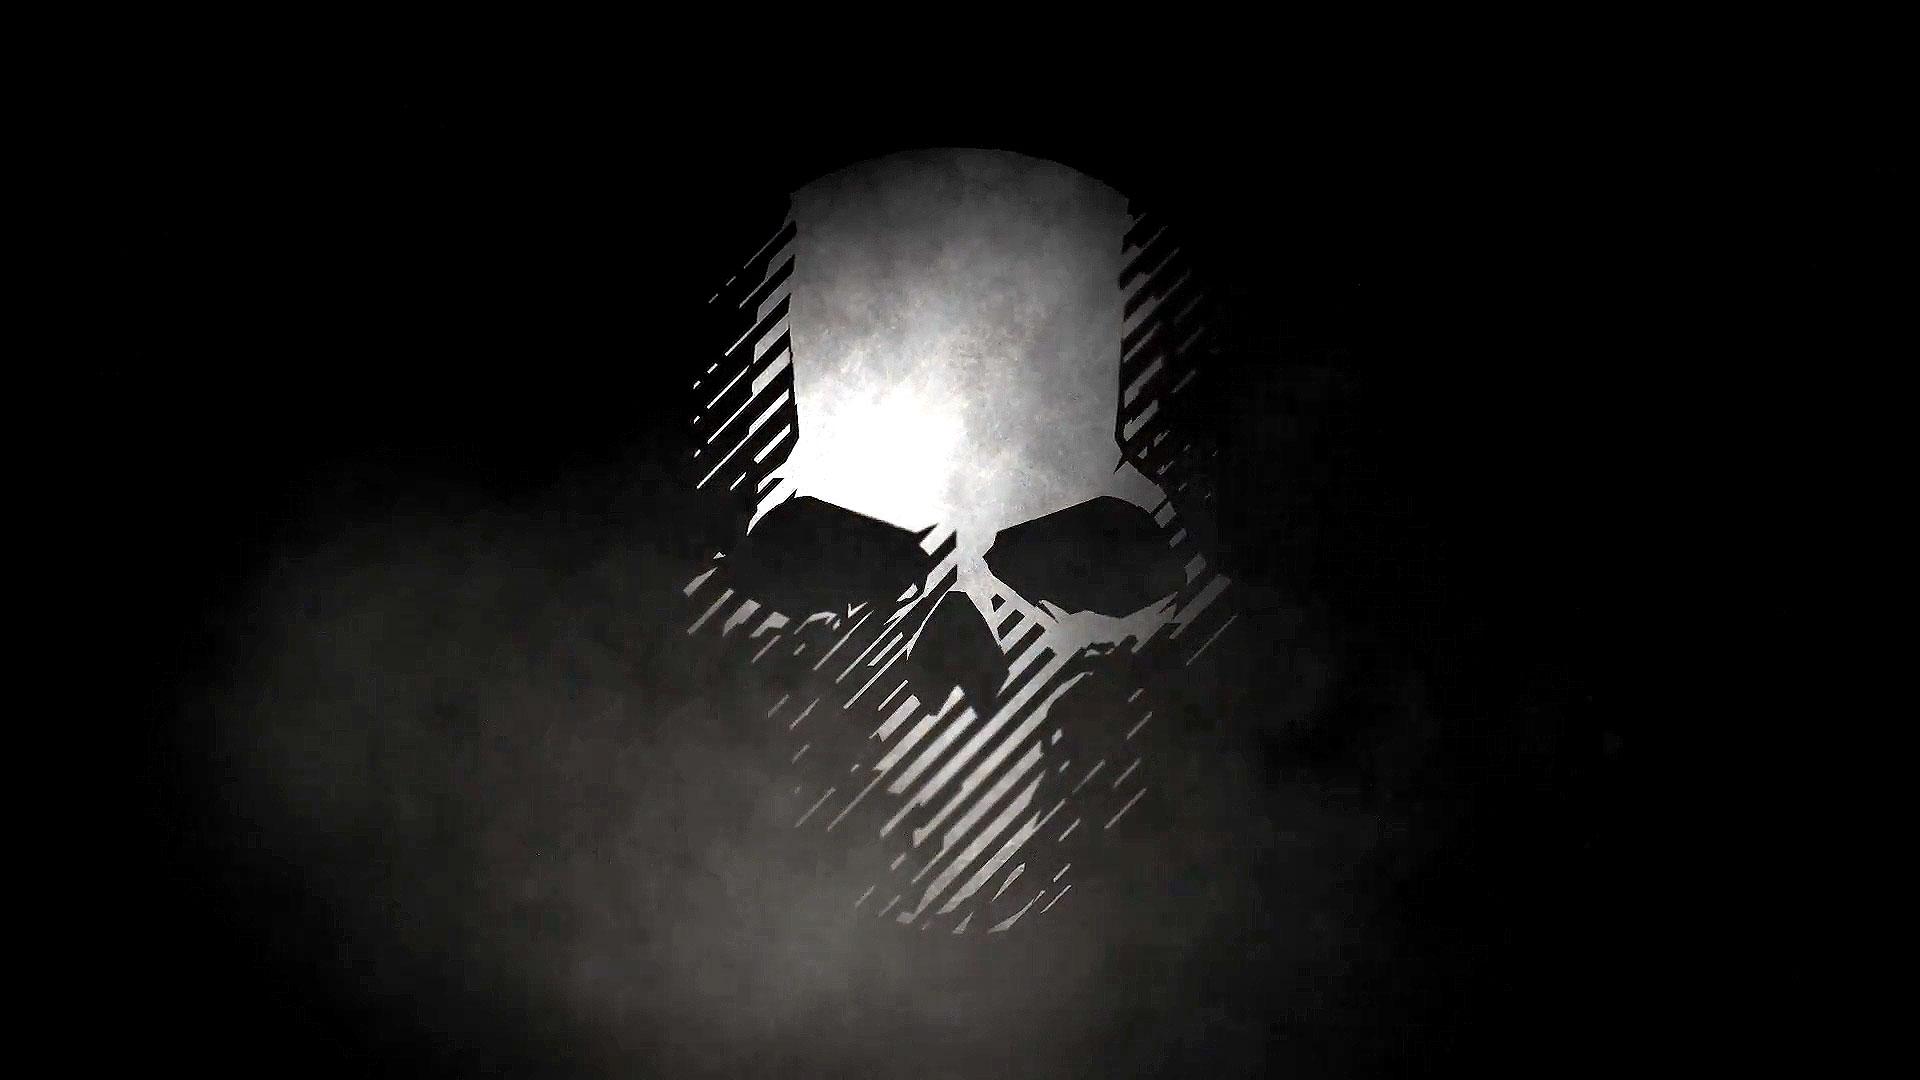 Ghost Recon Wildlands Skull 133258 Hd Wallpaper Backgrounds